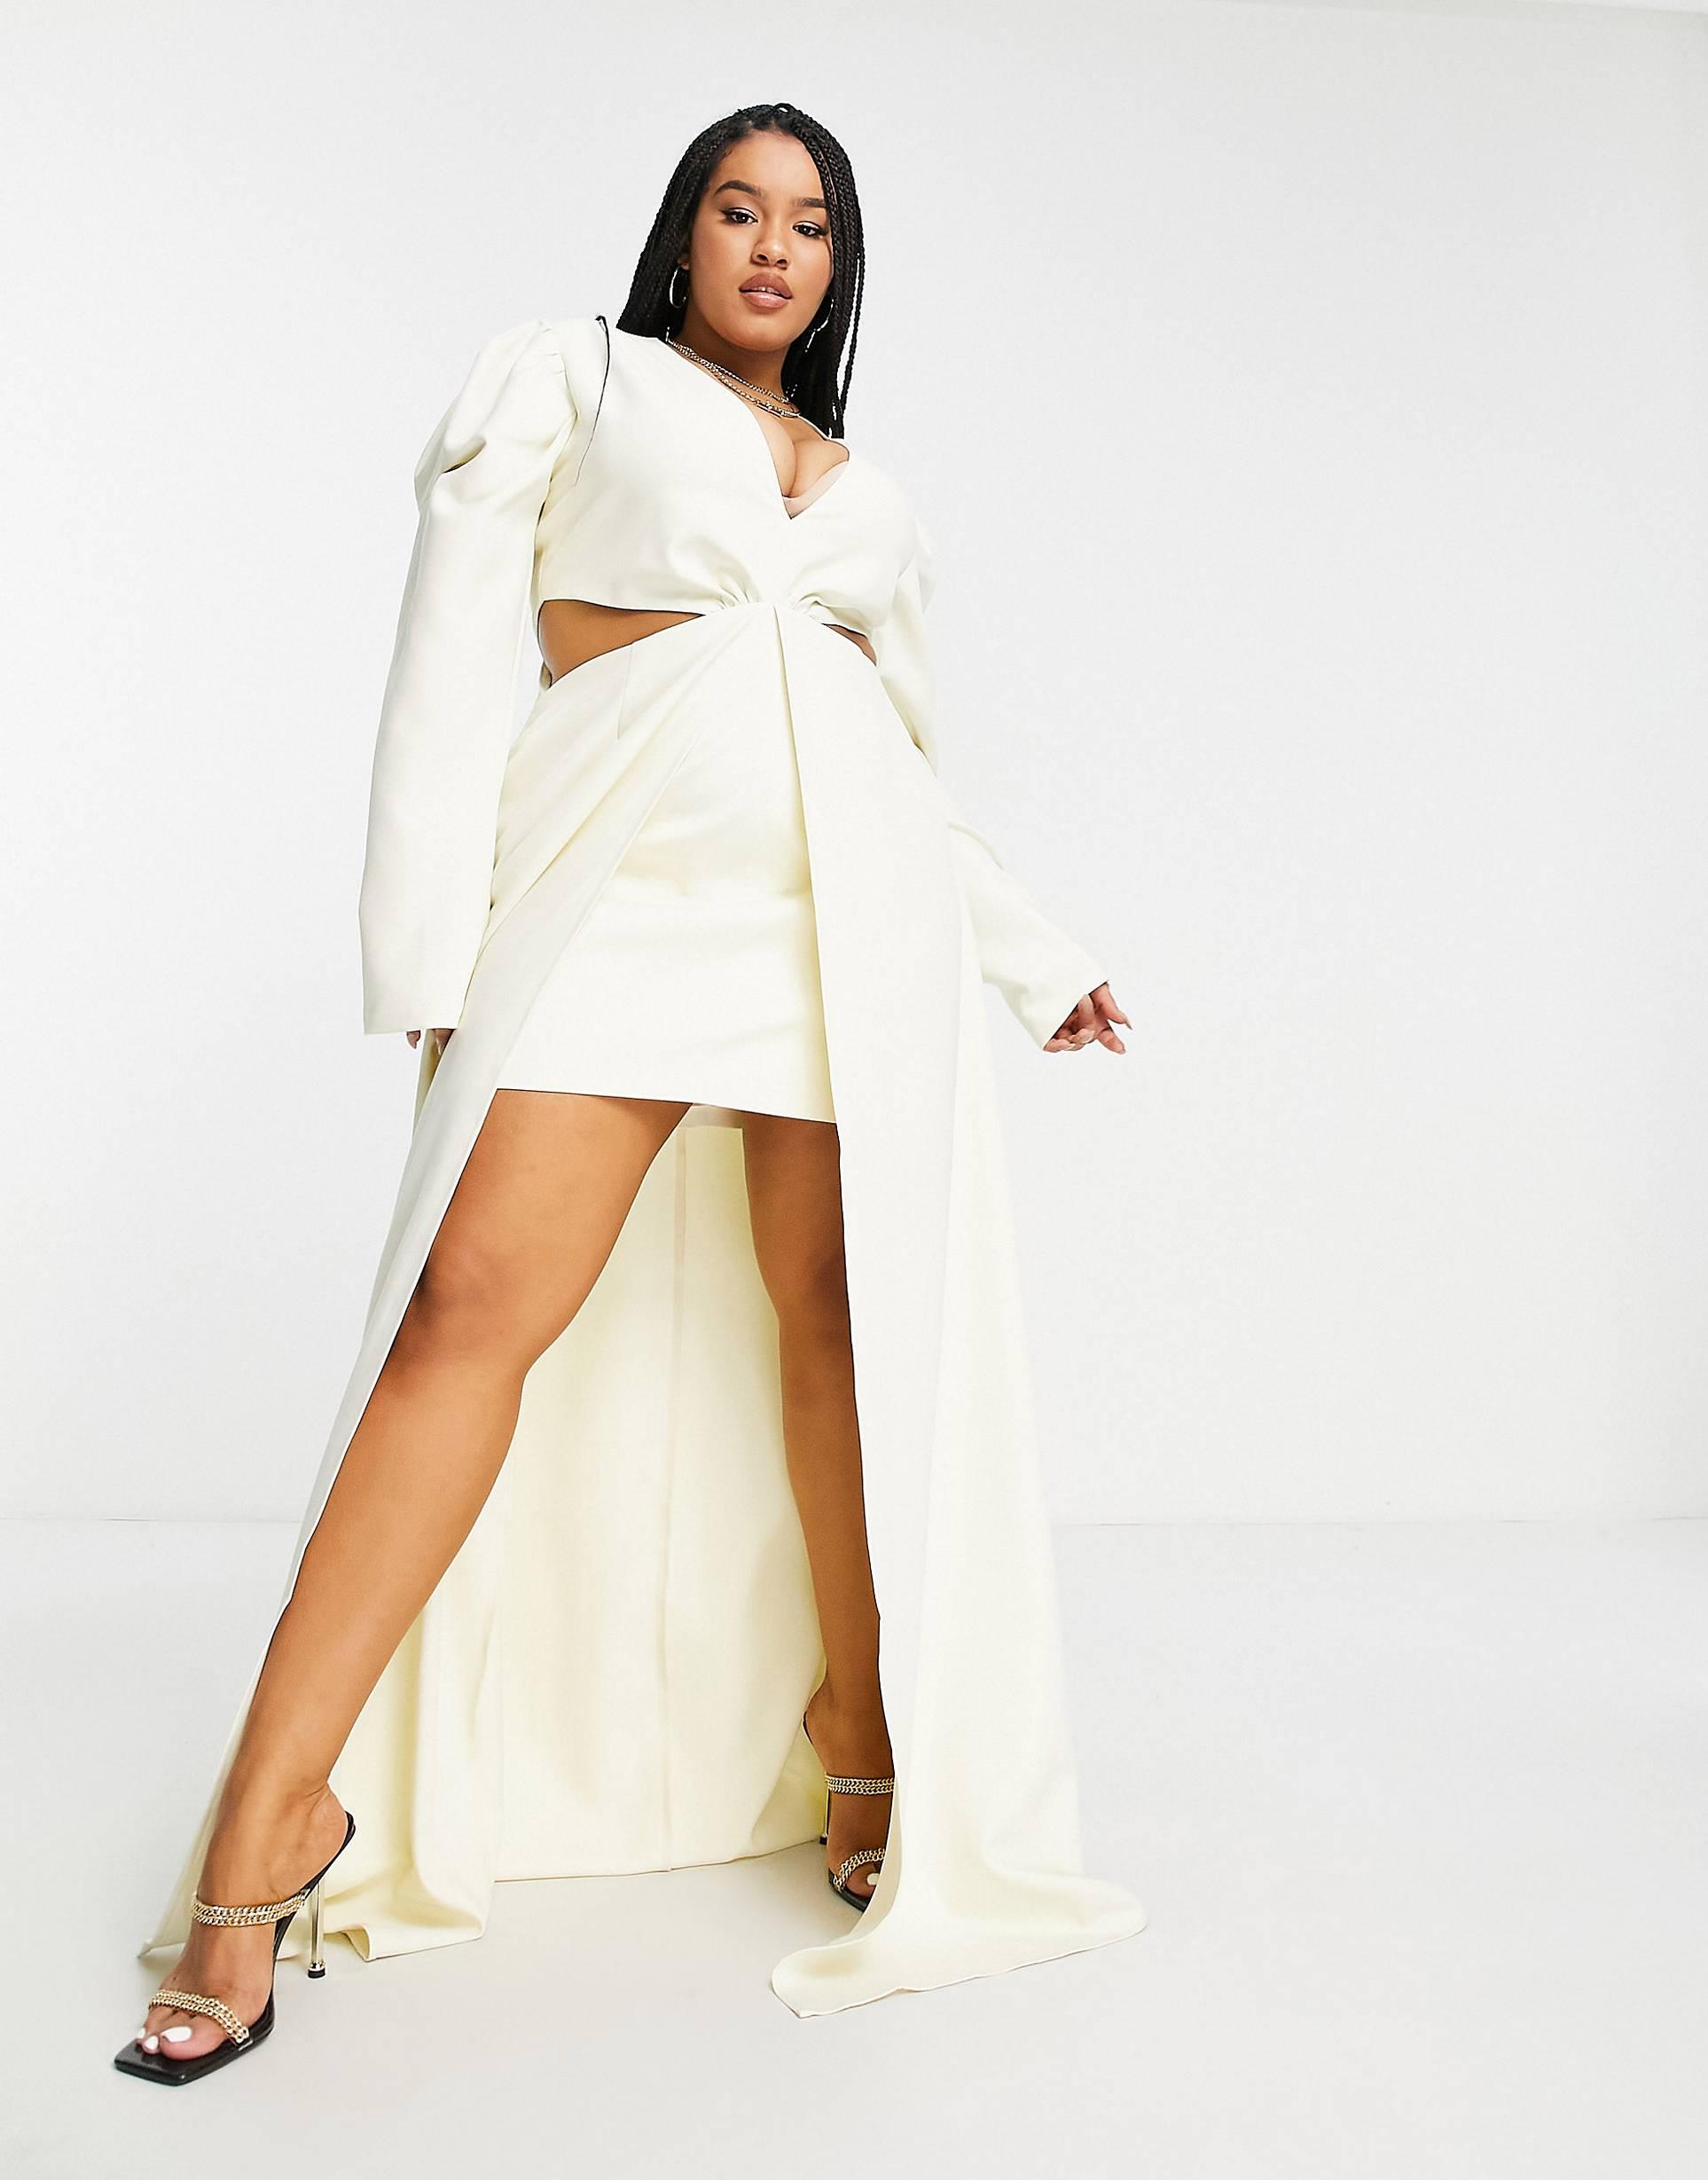 Vestido corto color marfil con bajo asimétrico y cola de Yaura.